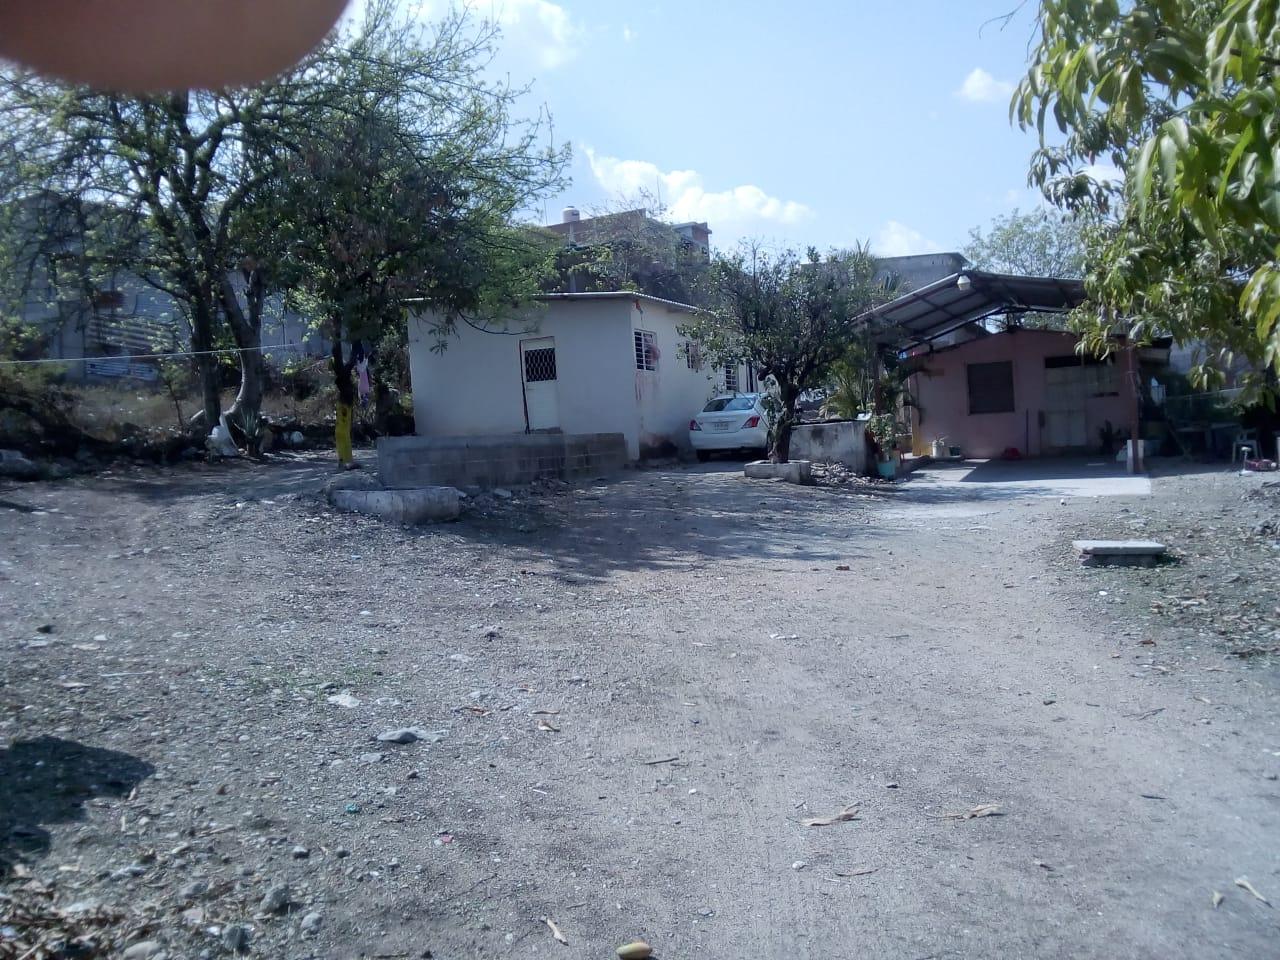 Venta de terreno de 1000 m2 y con servicios en San José Terán, Tuxtla Gutierrez.